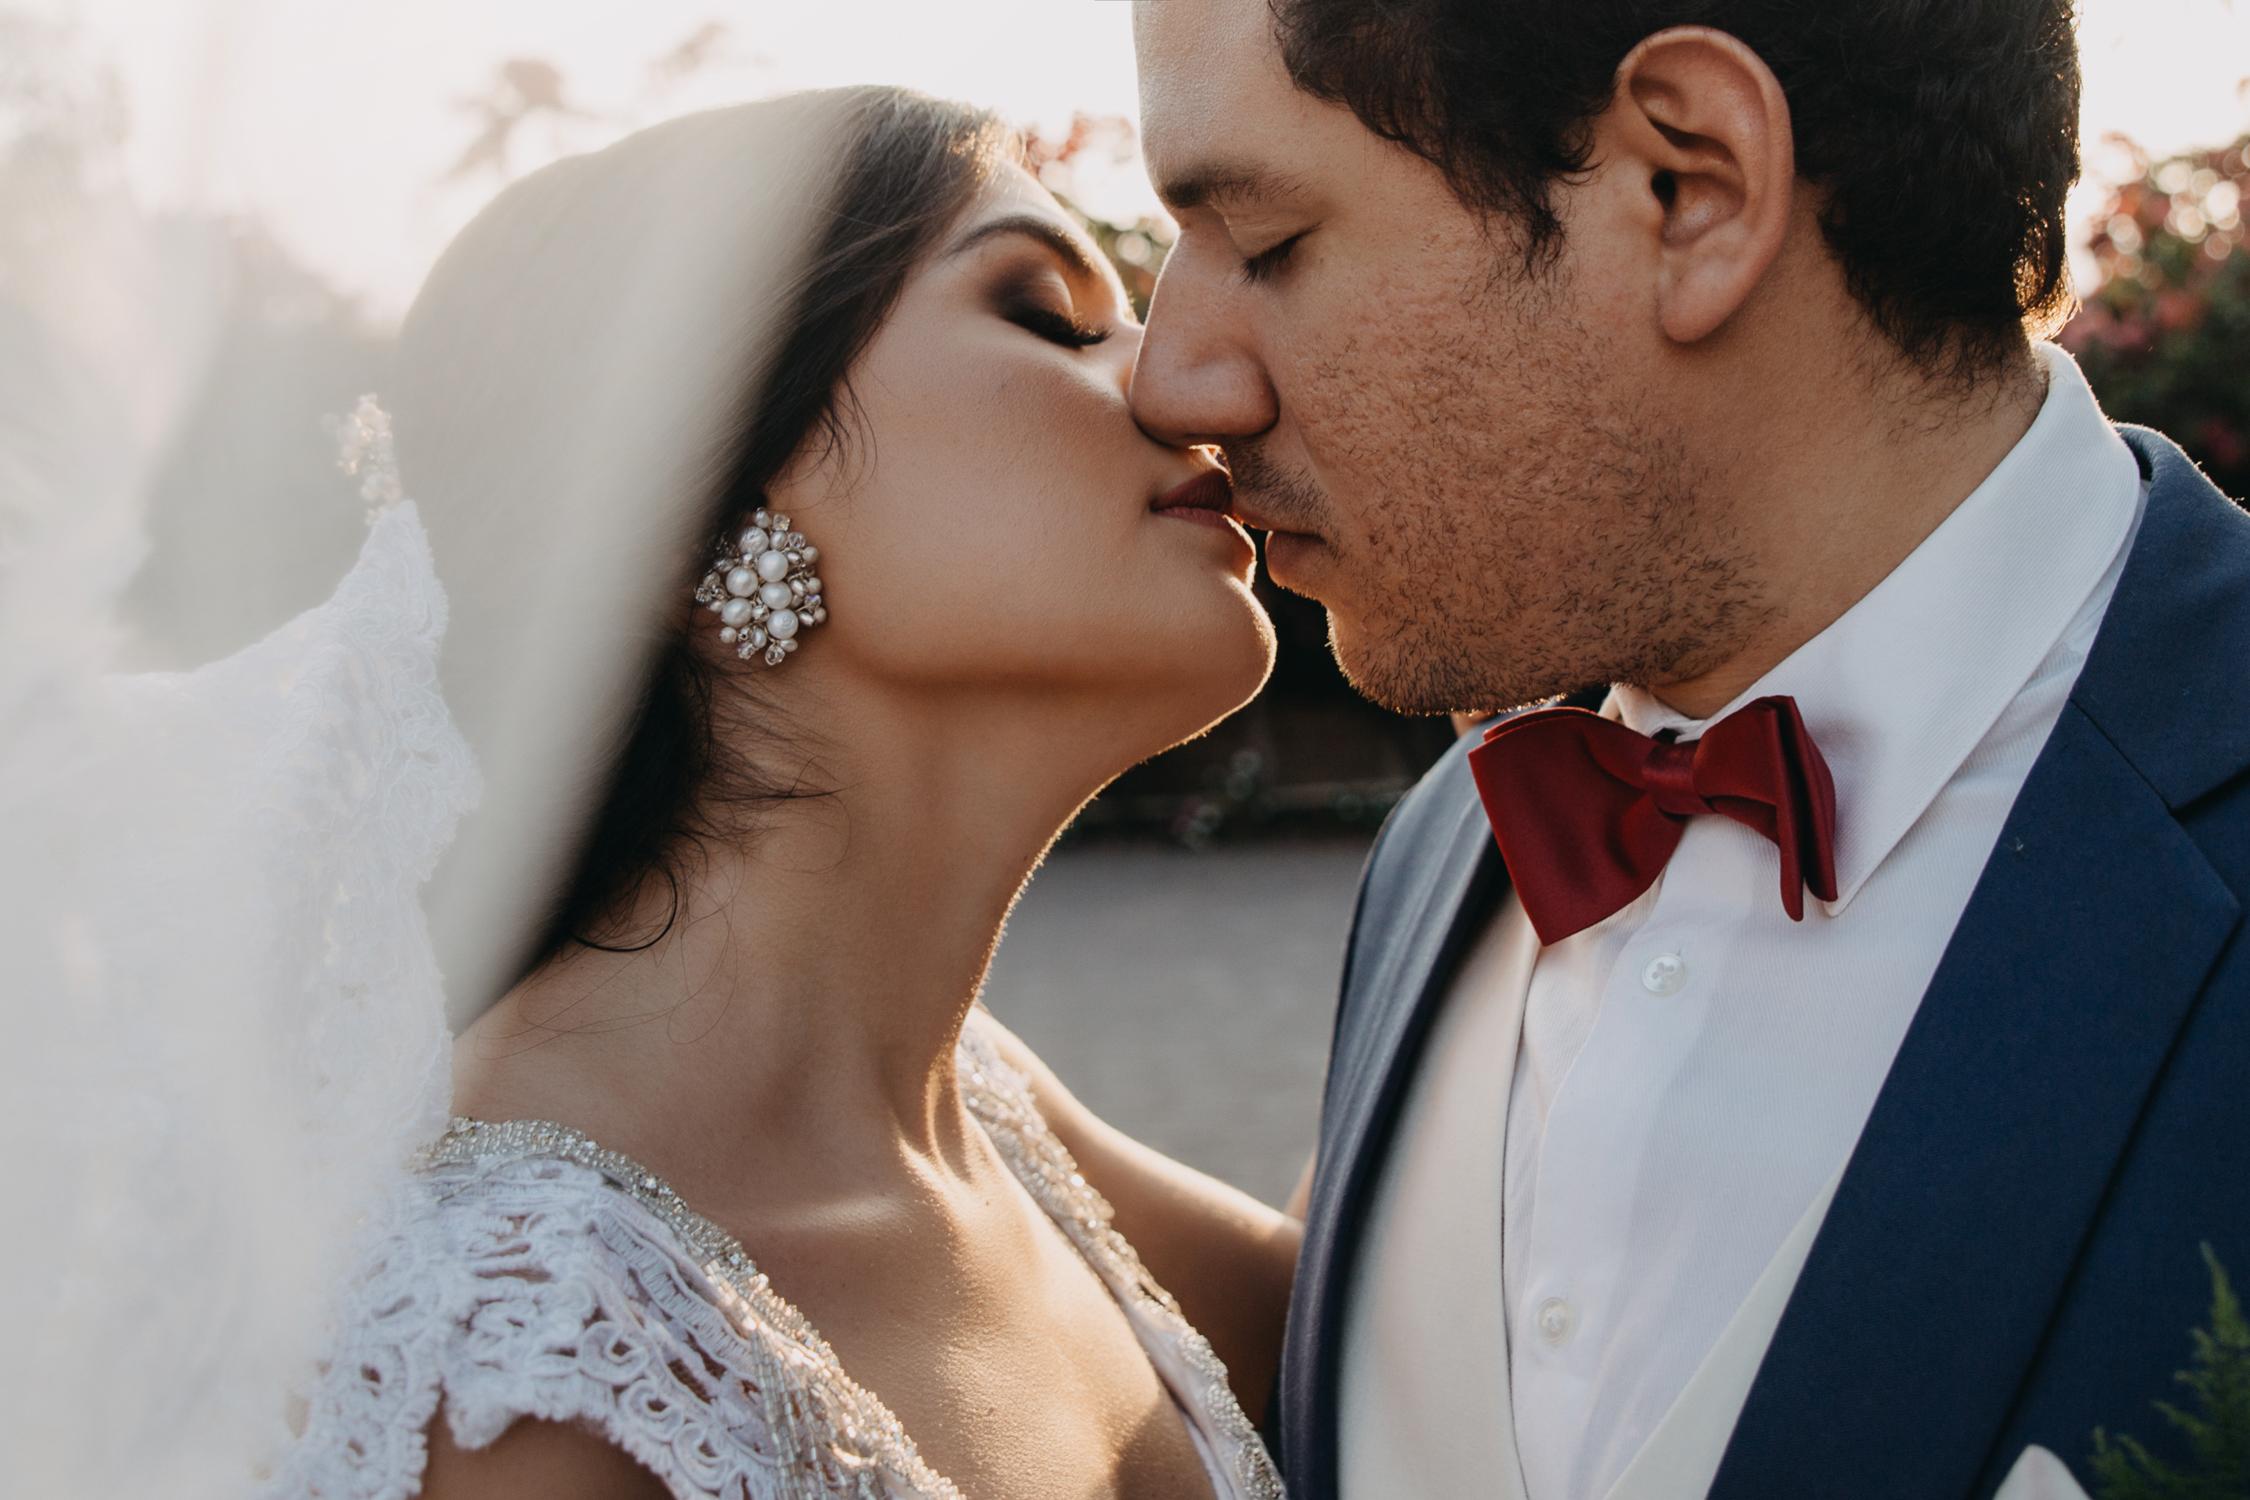 Michelle-Agurto-Fotografia-Bodas-Ecuador-Destination-Wedding-Photographer-Cristi-Luis-95.JPG